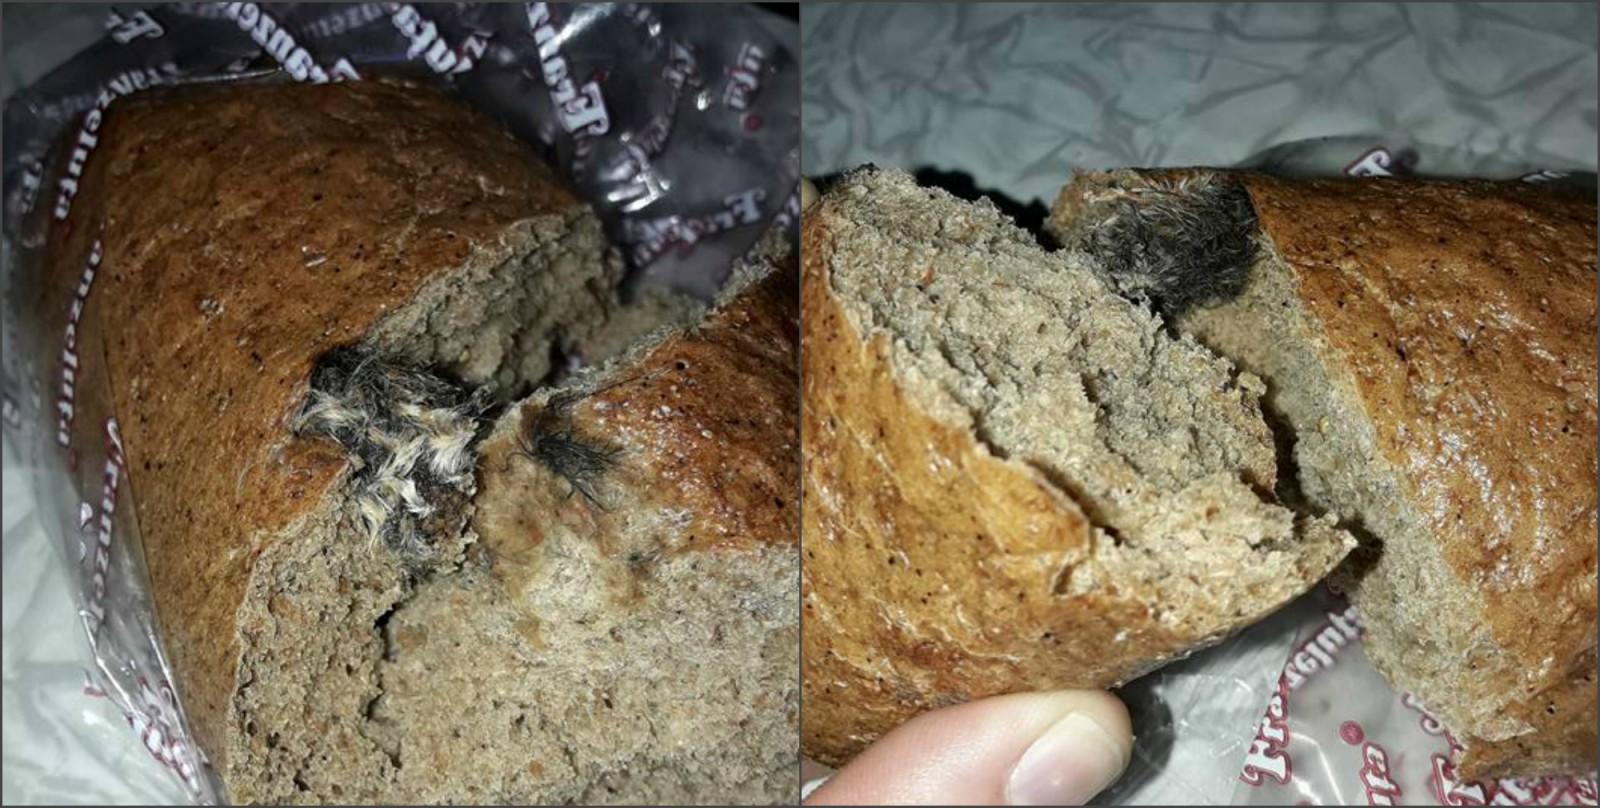 (foto) Un șoarece mort, găsit într-o pâine de la un producător autohton. ANSA s-a autosesizat și a inițiat verificări la întreprinderea de panificație